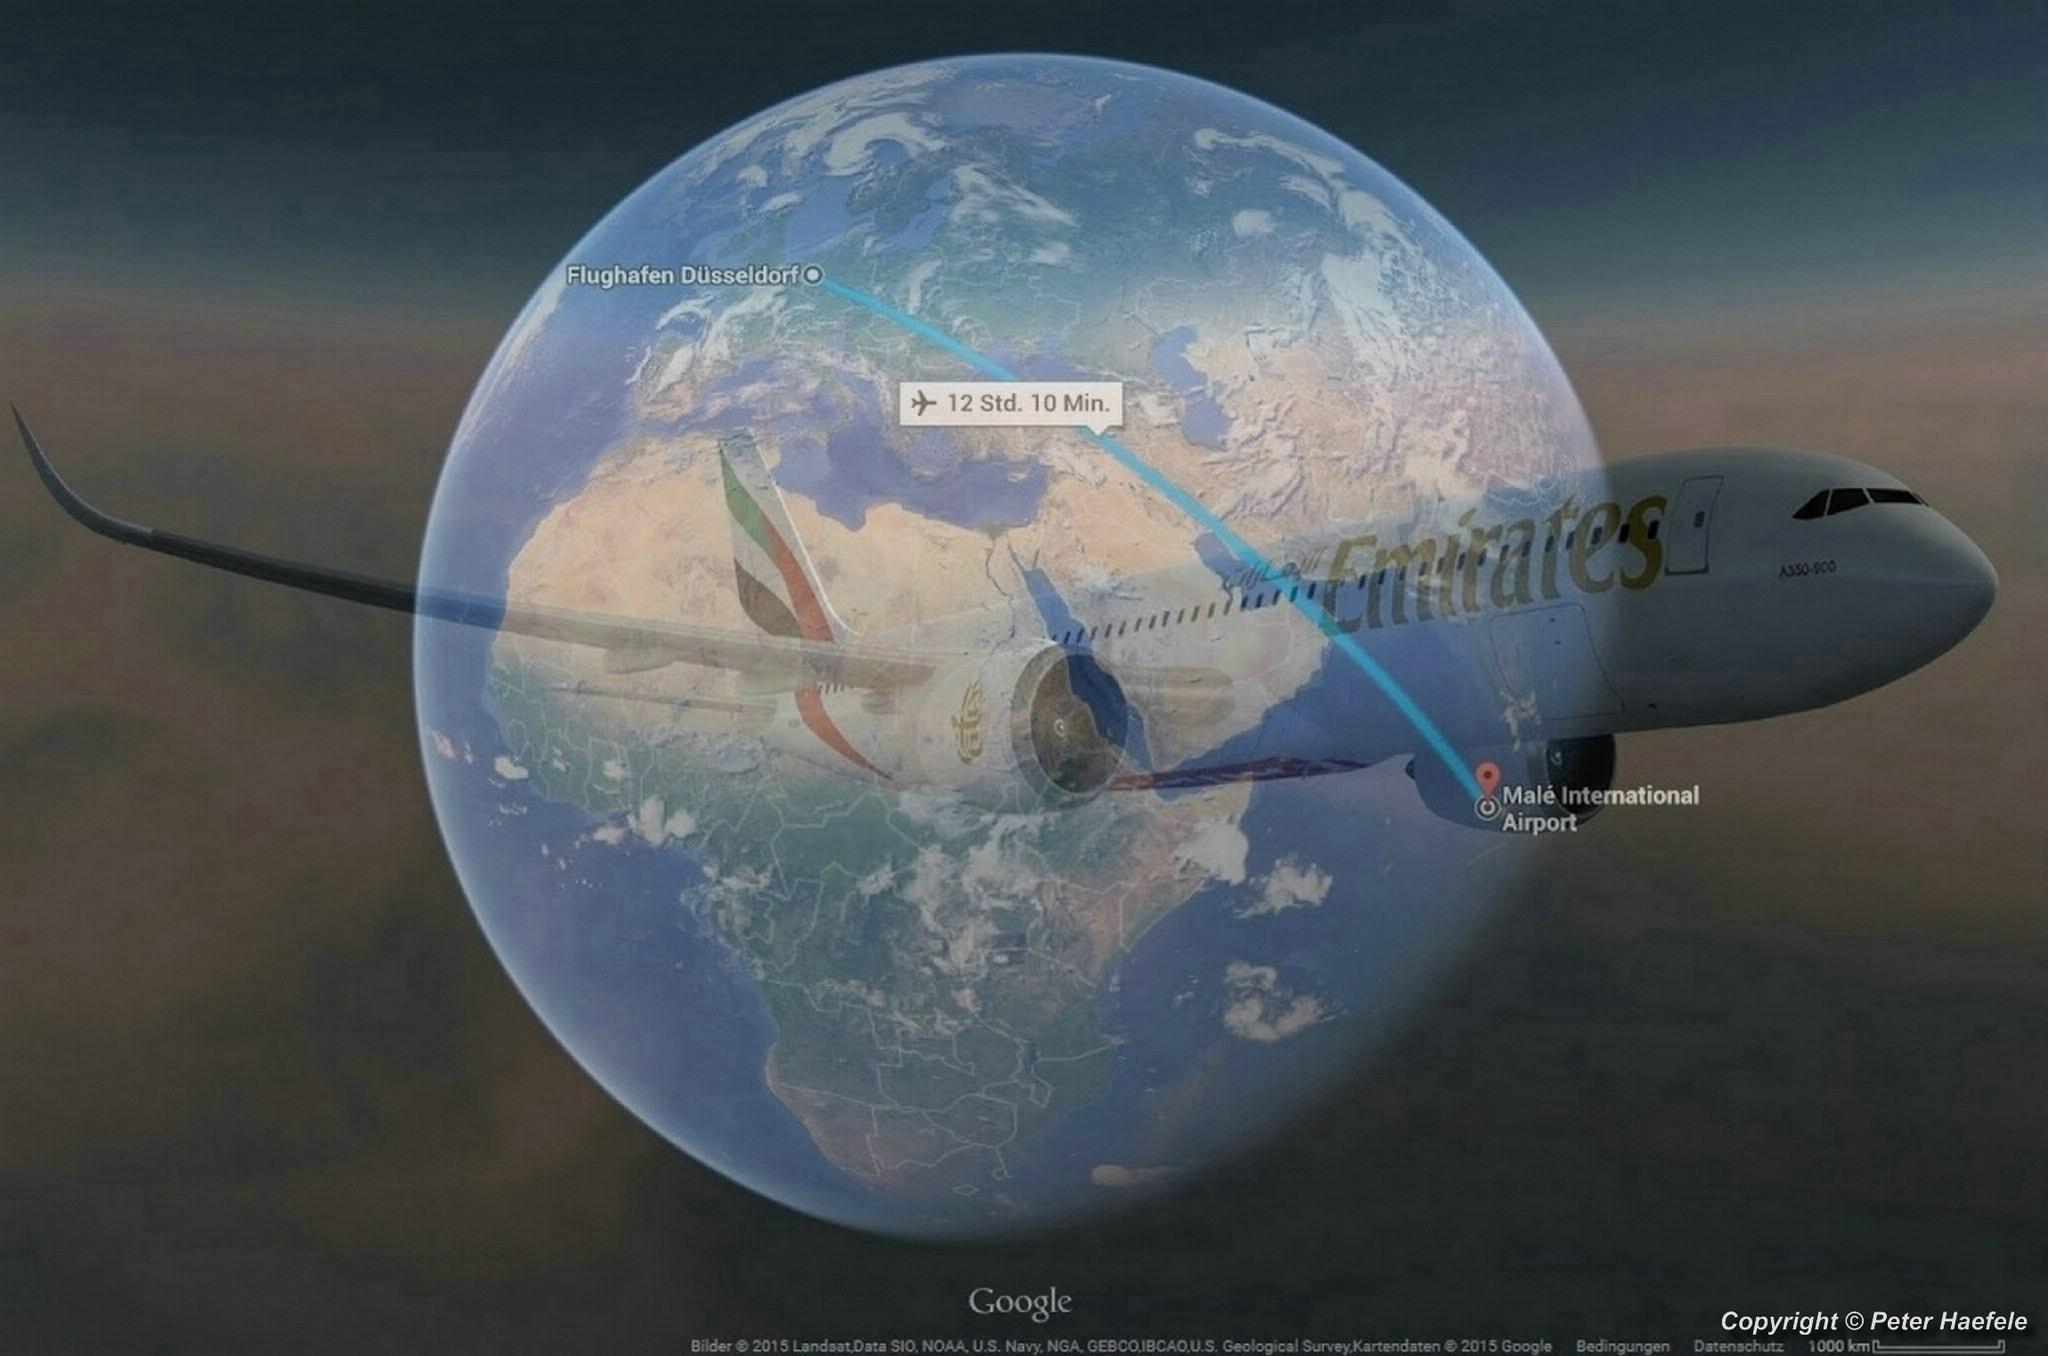 Mit einer Emirates Boeing 777-300er auf die Malediven - With an Emirates Boeing 777-300er to the Maldives